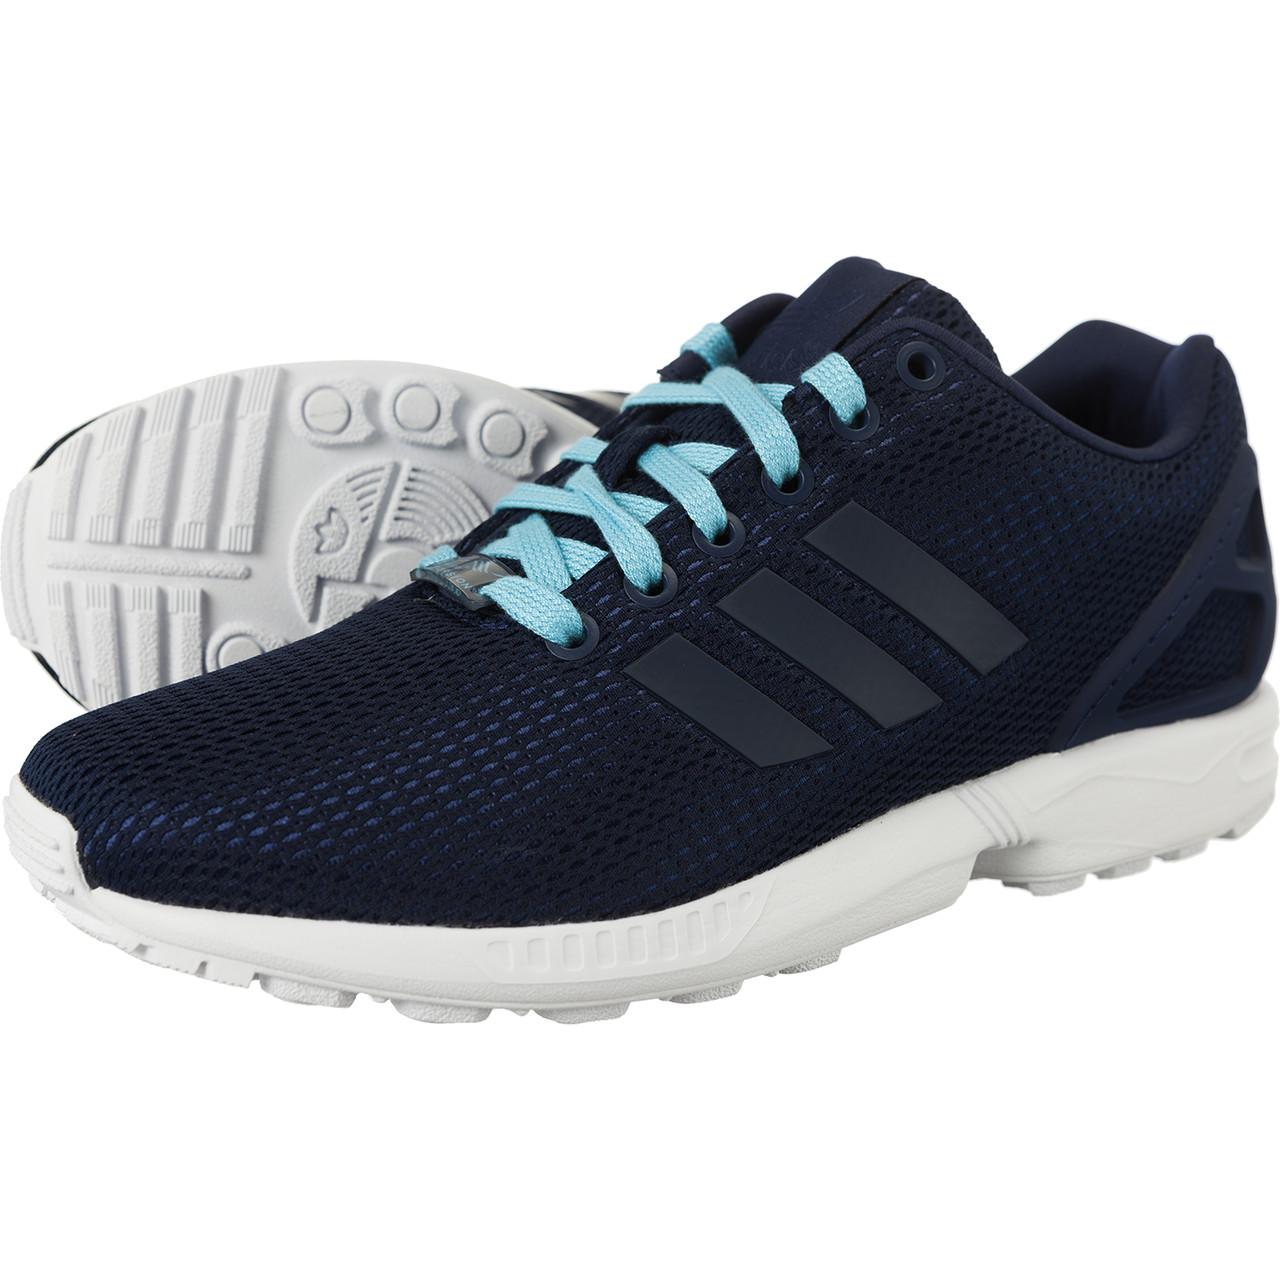 buty adidas zx flux w